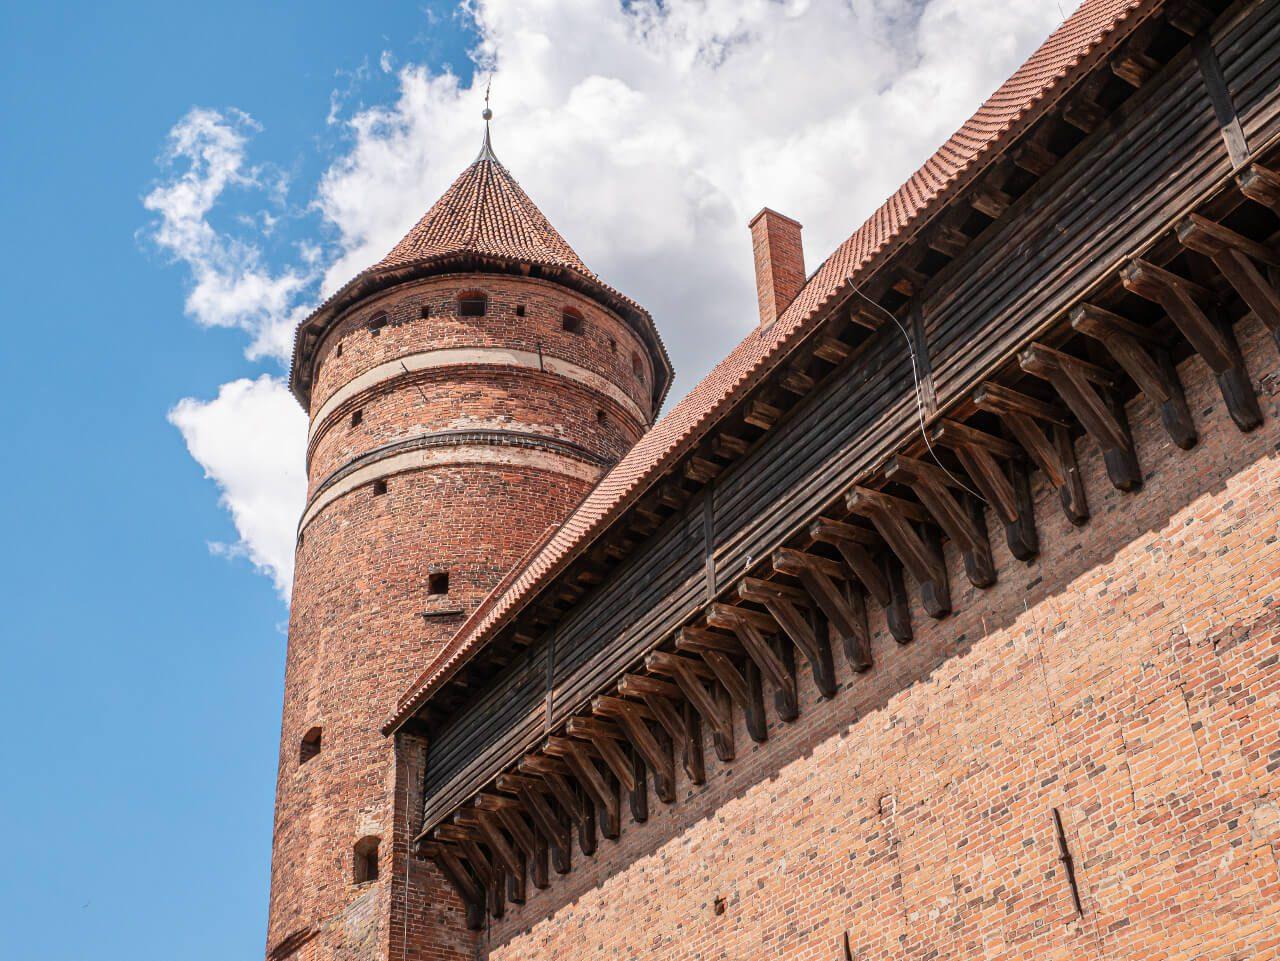 Zamek Kapituły Warmińskiej wieża zamkowa